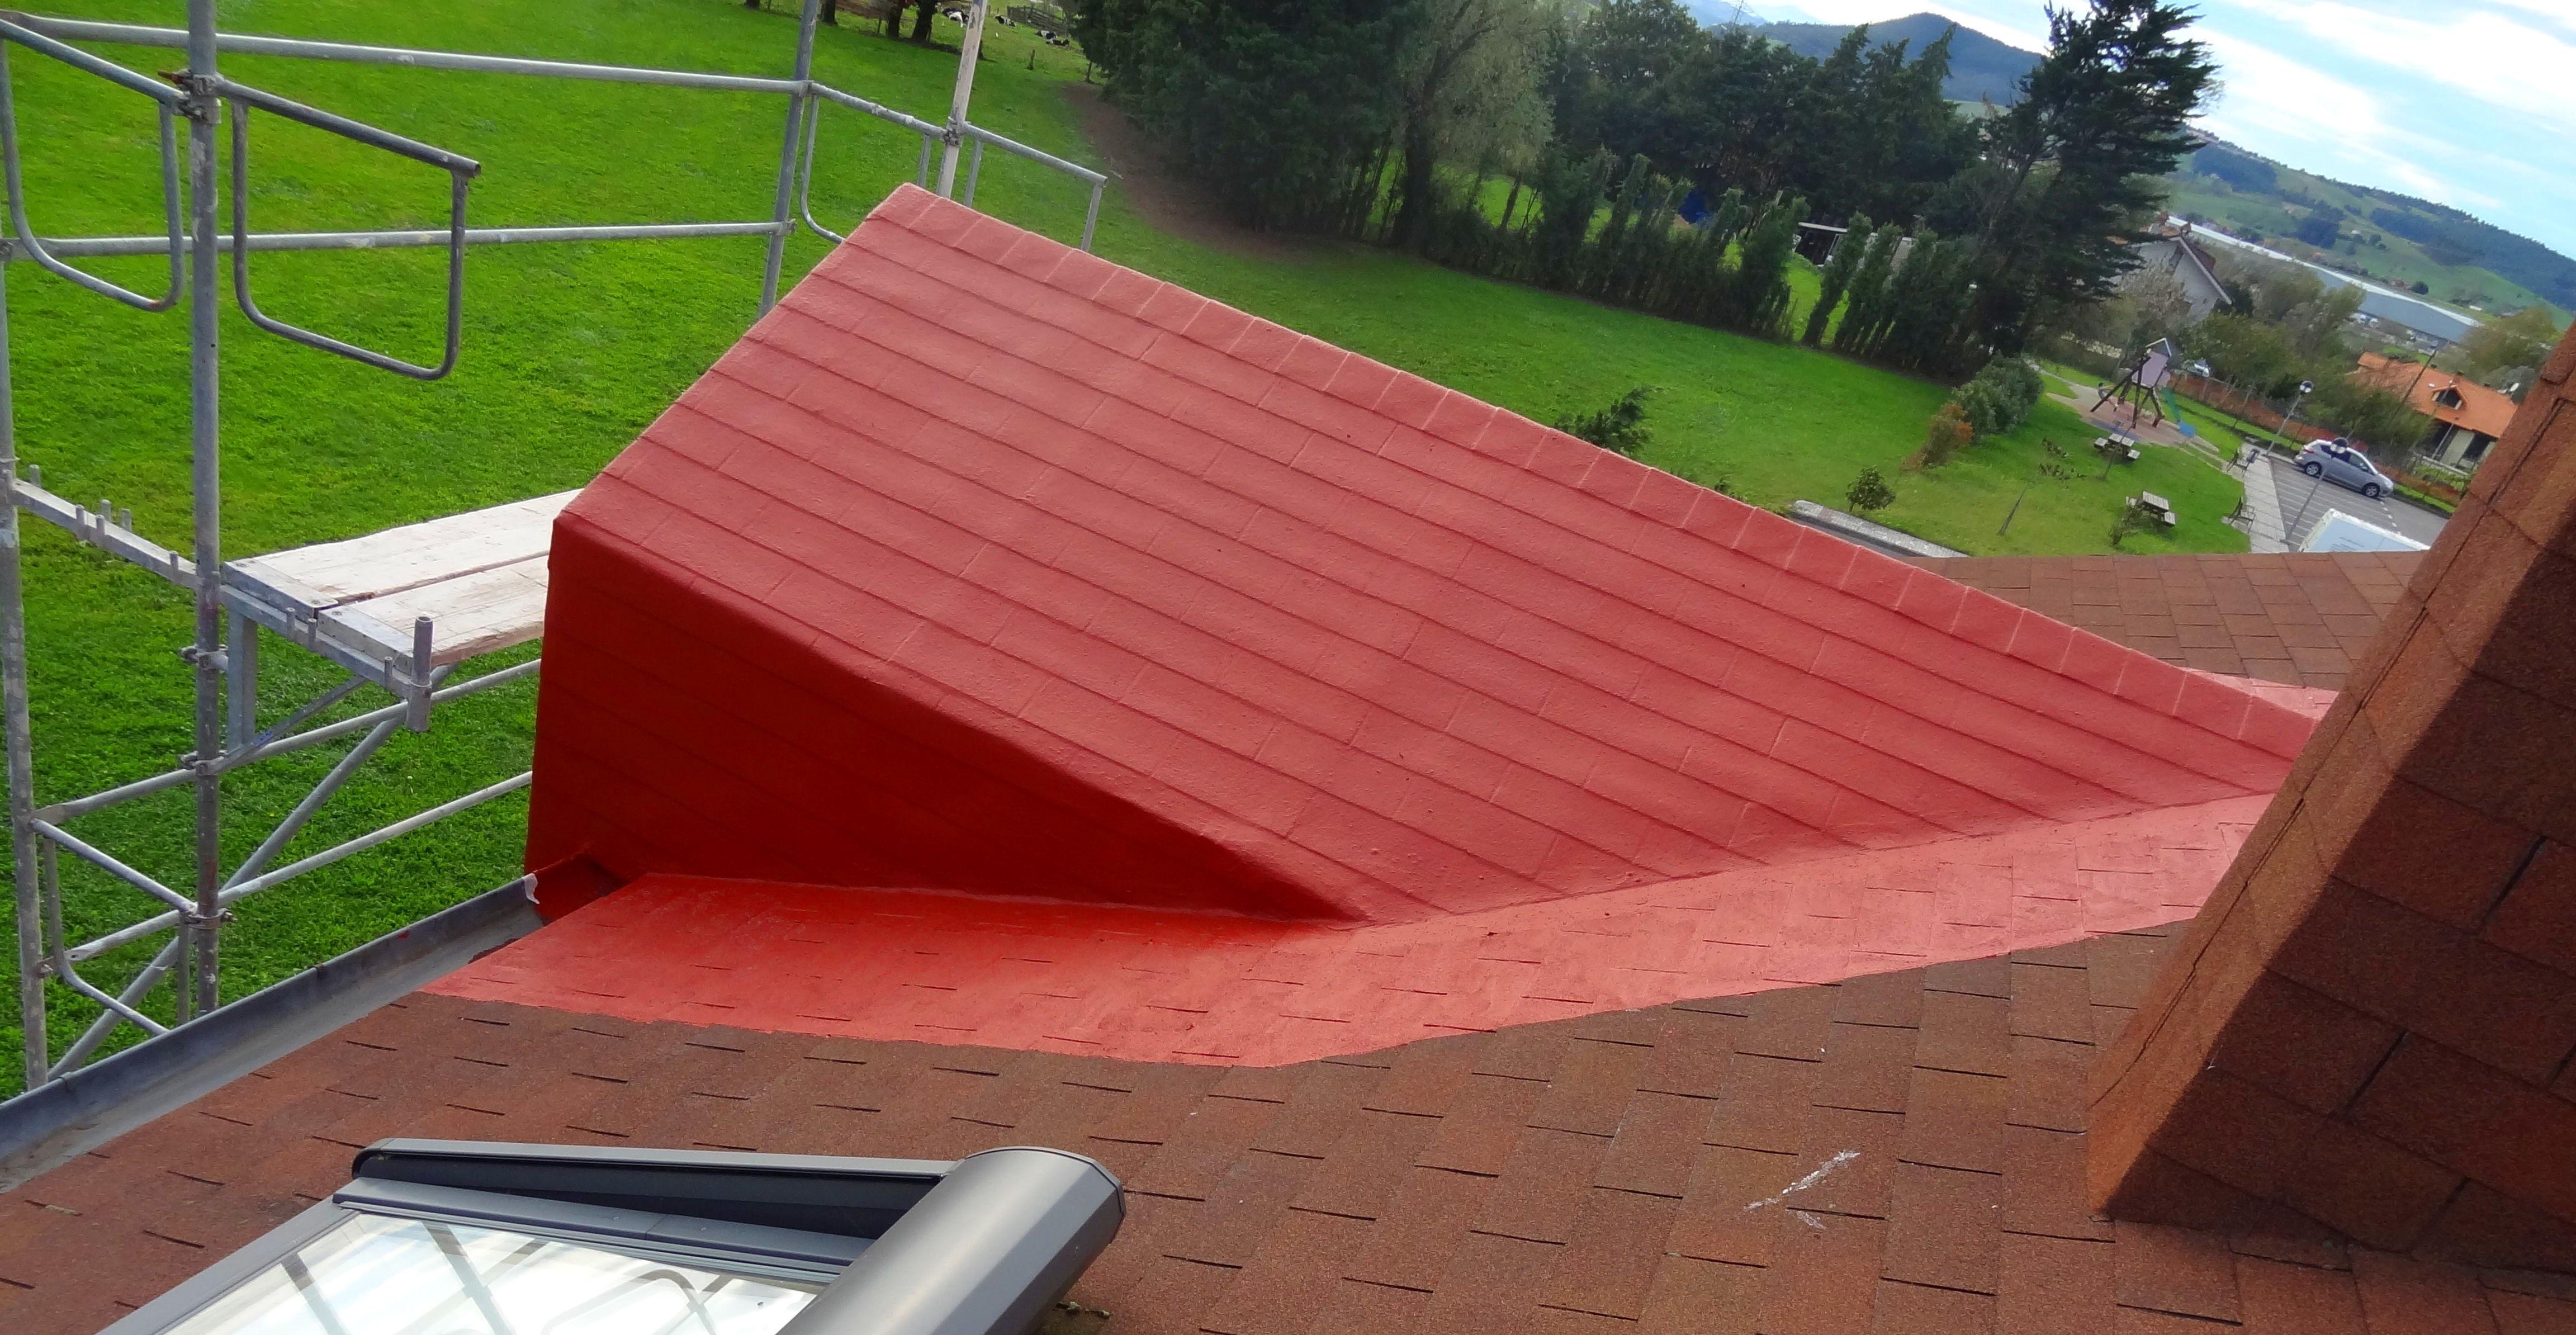 Impermeabilización de cubierta y galería con fibra geotextil